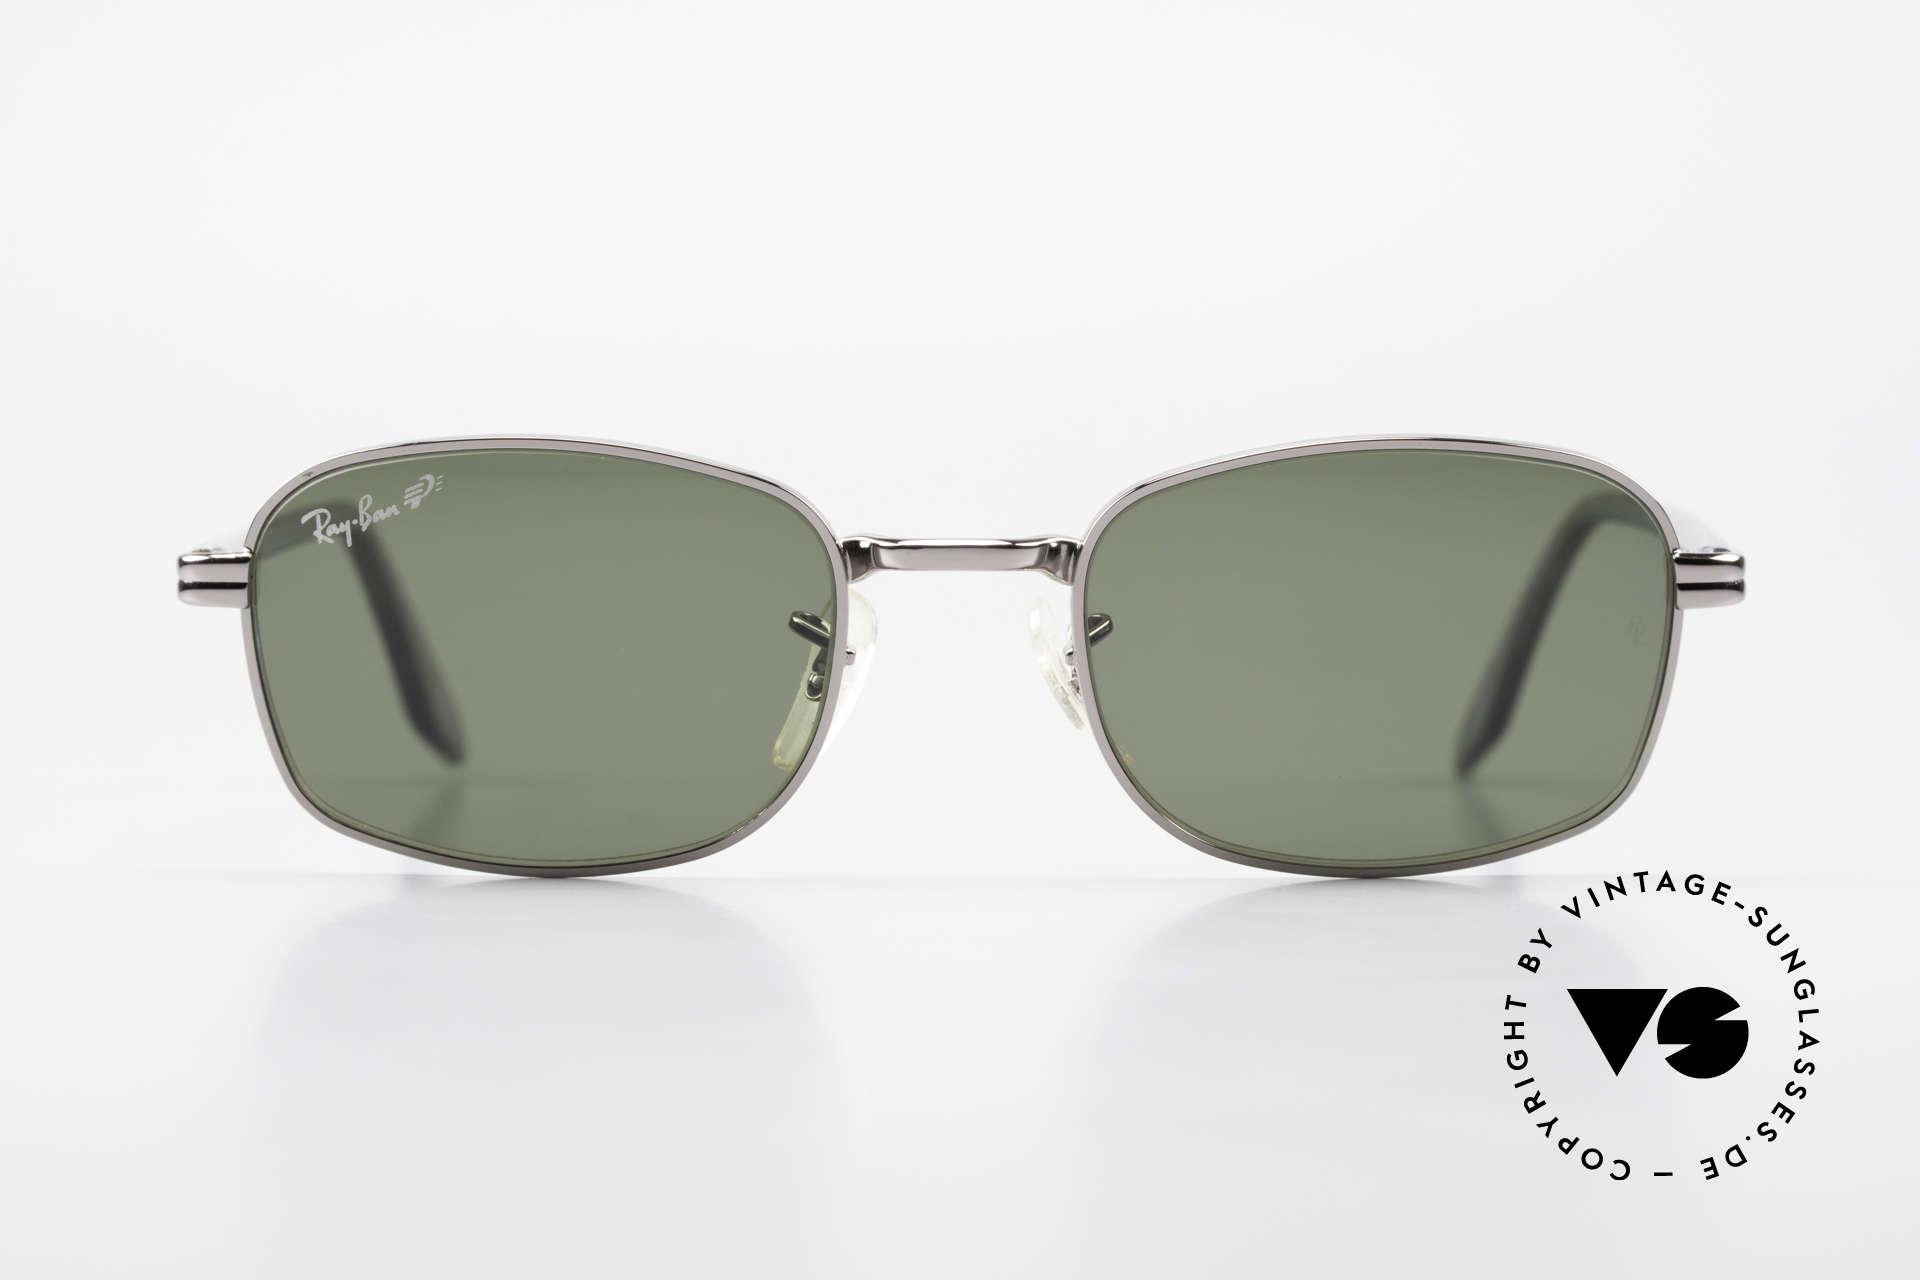 Ray Ban Sidestreet Crosswalk Square Polarisierende Brille, eines der letzten Modelle noch von Bausch&Lomb, USA, Passend für Herren